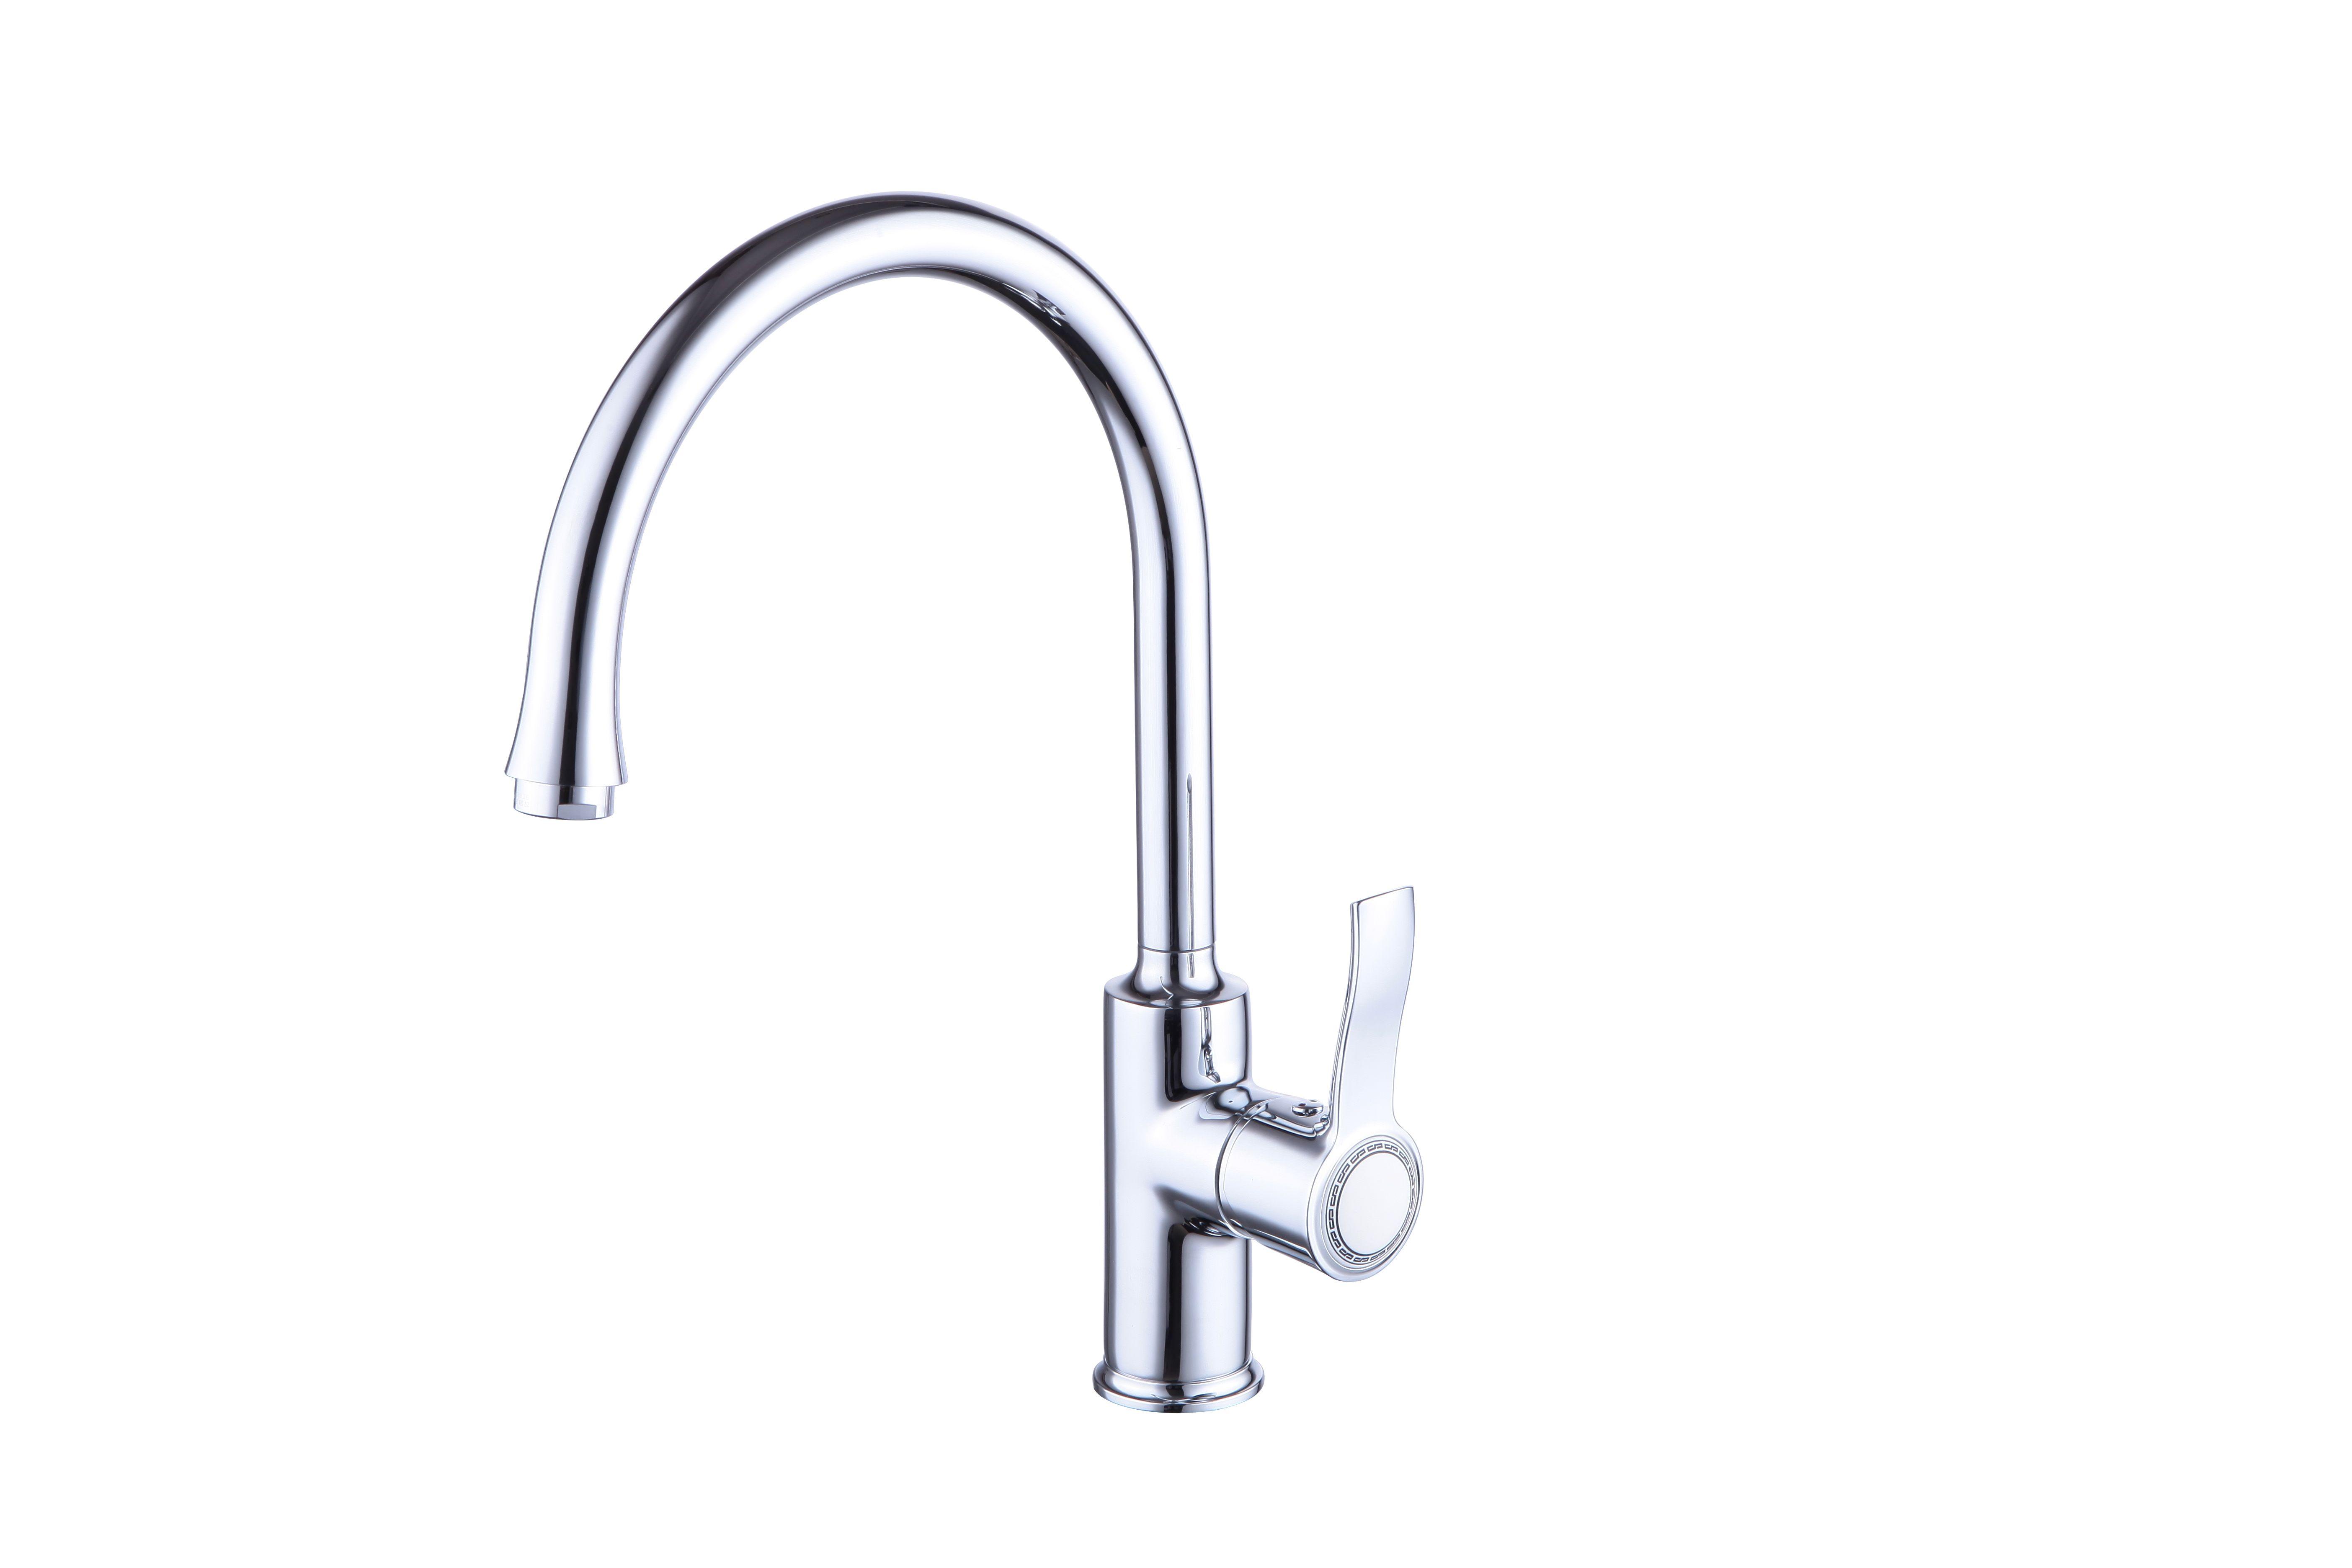 Смеситель SMARTsant Смарт-Винтаж для кухни смеситель для кухни weissgauff gemma granit r светло бежевый